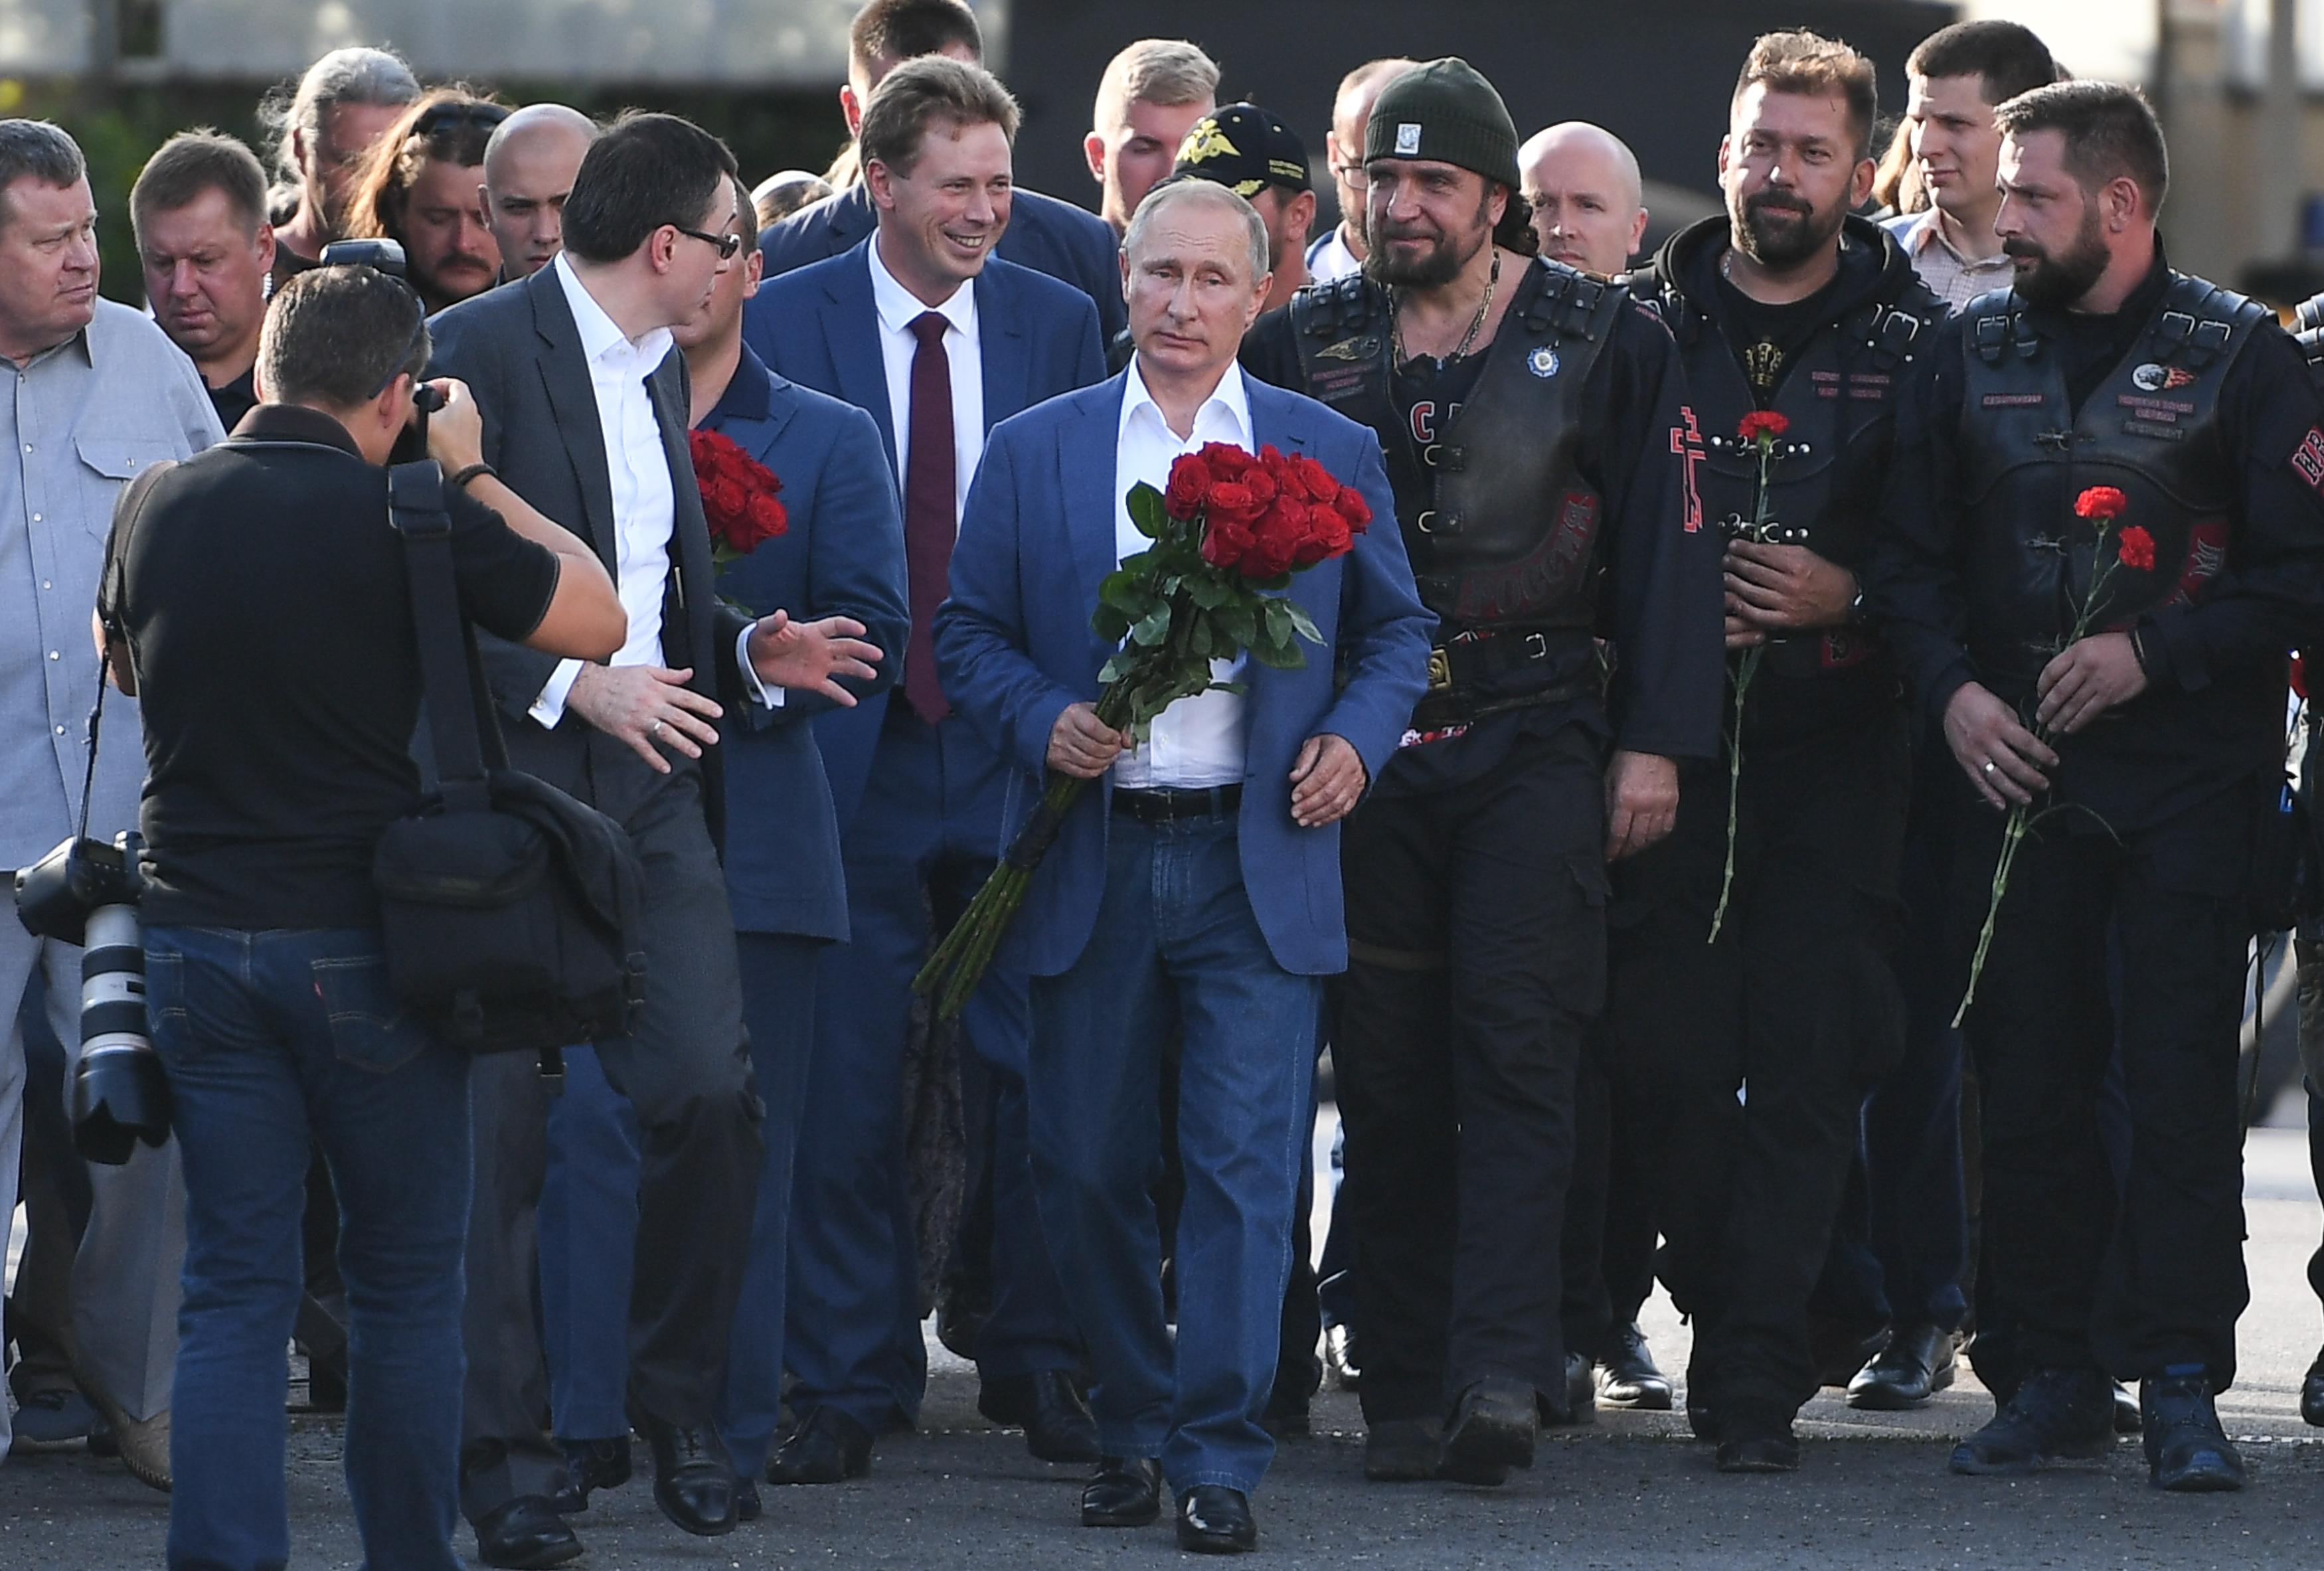 Nem engedték be Boszniába az orosz motorosbandát, akik nálunk simán parádézhattak vörös csillagos zászlóval